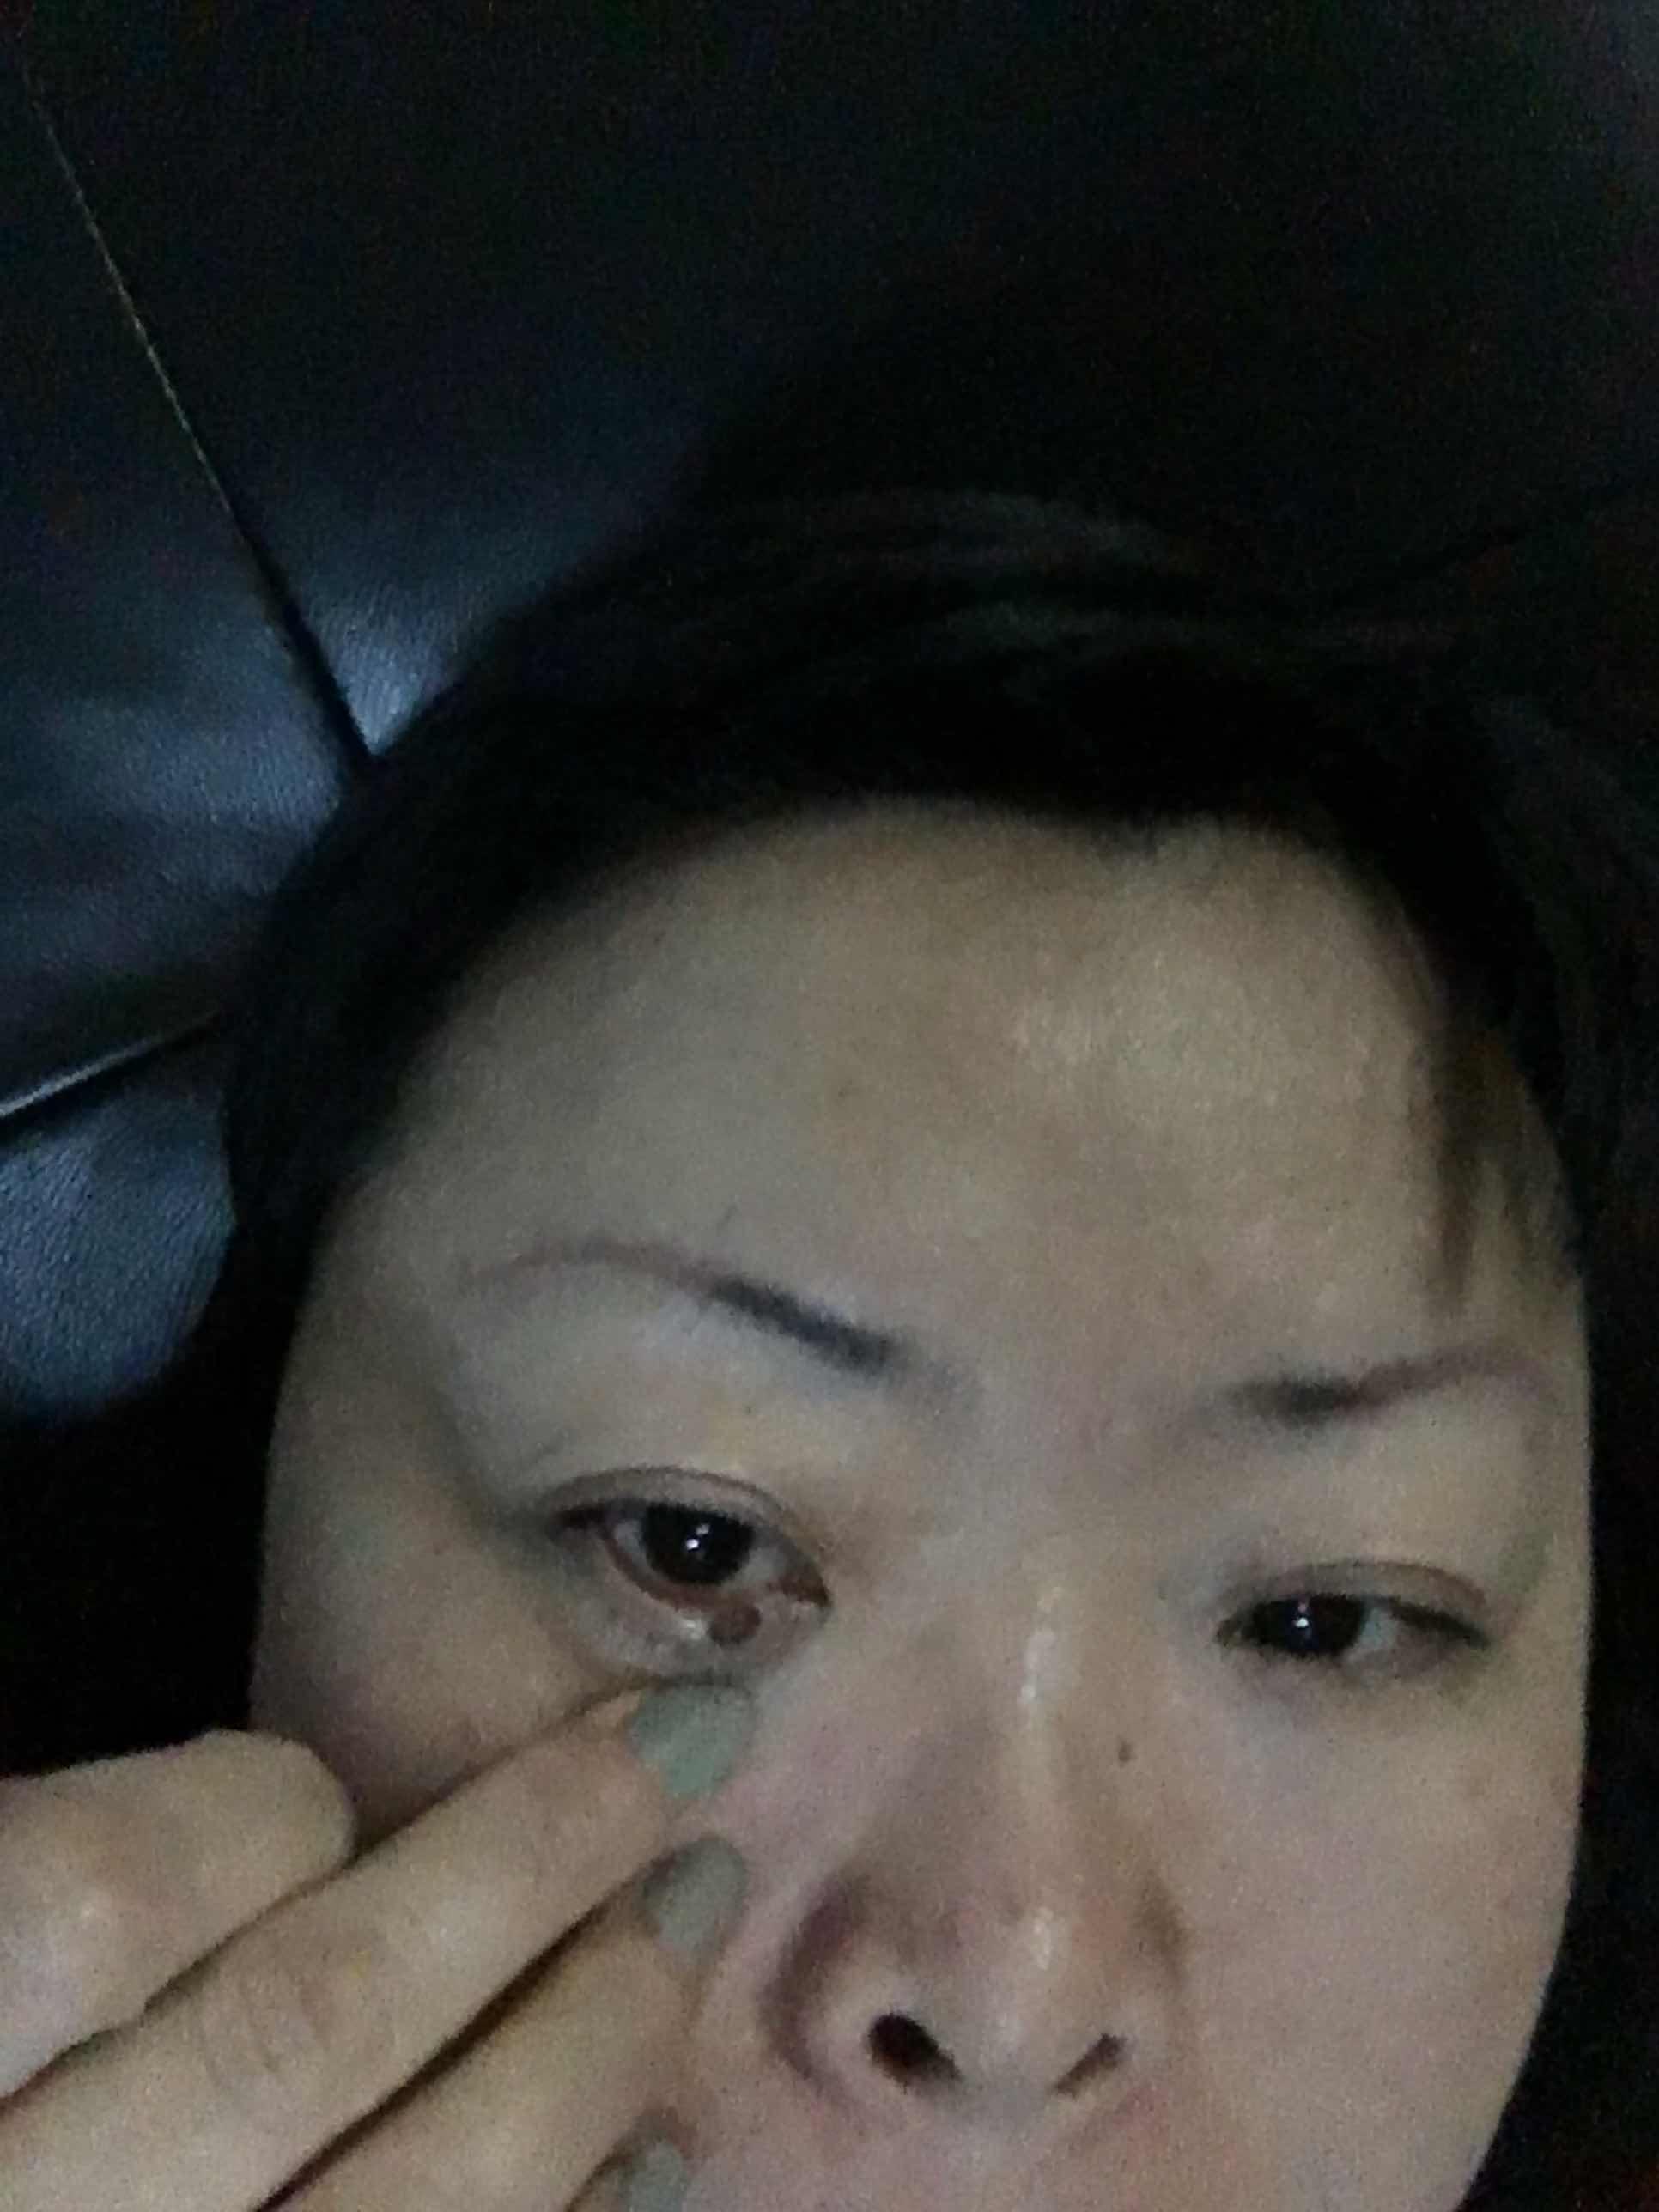 眼皮底下长了一黑痣怎么办,眼皮底下的这个痣可以点吗?用什么方法良好 需要先看眼科吗